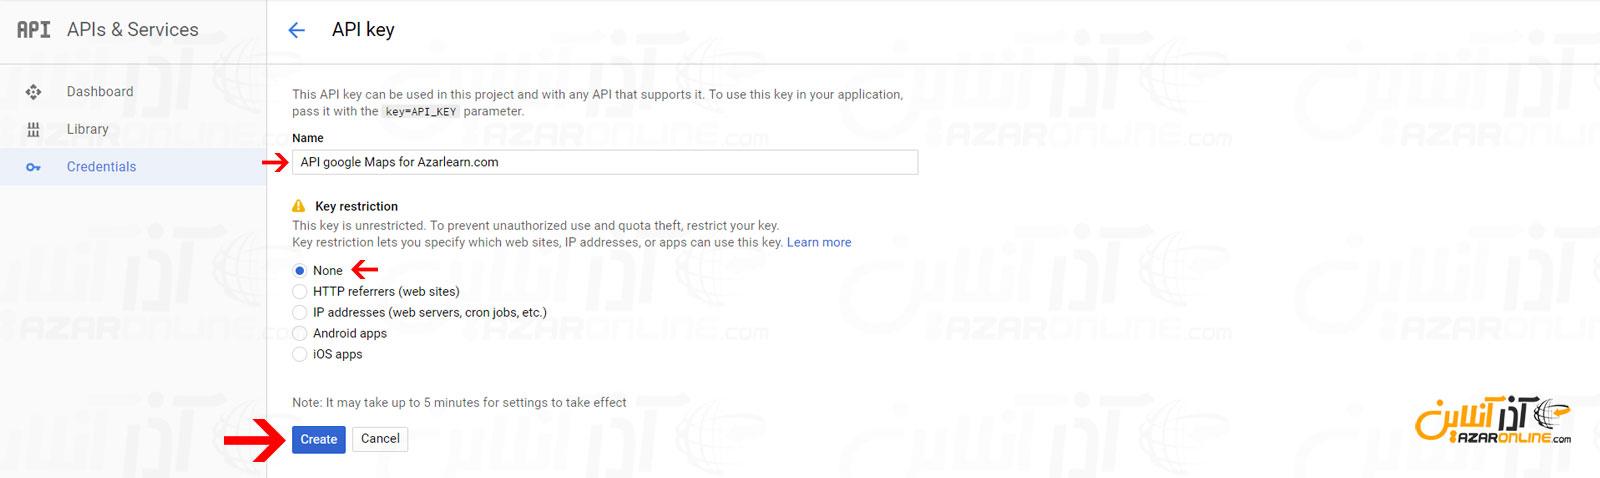 انتخاب نوع کلید API